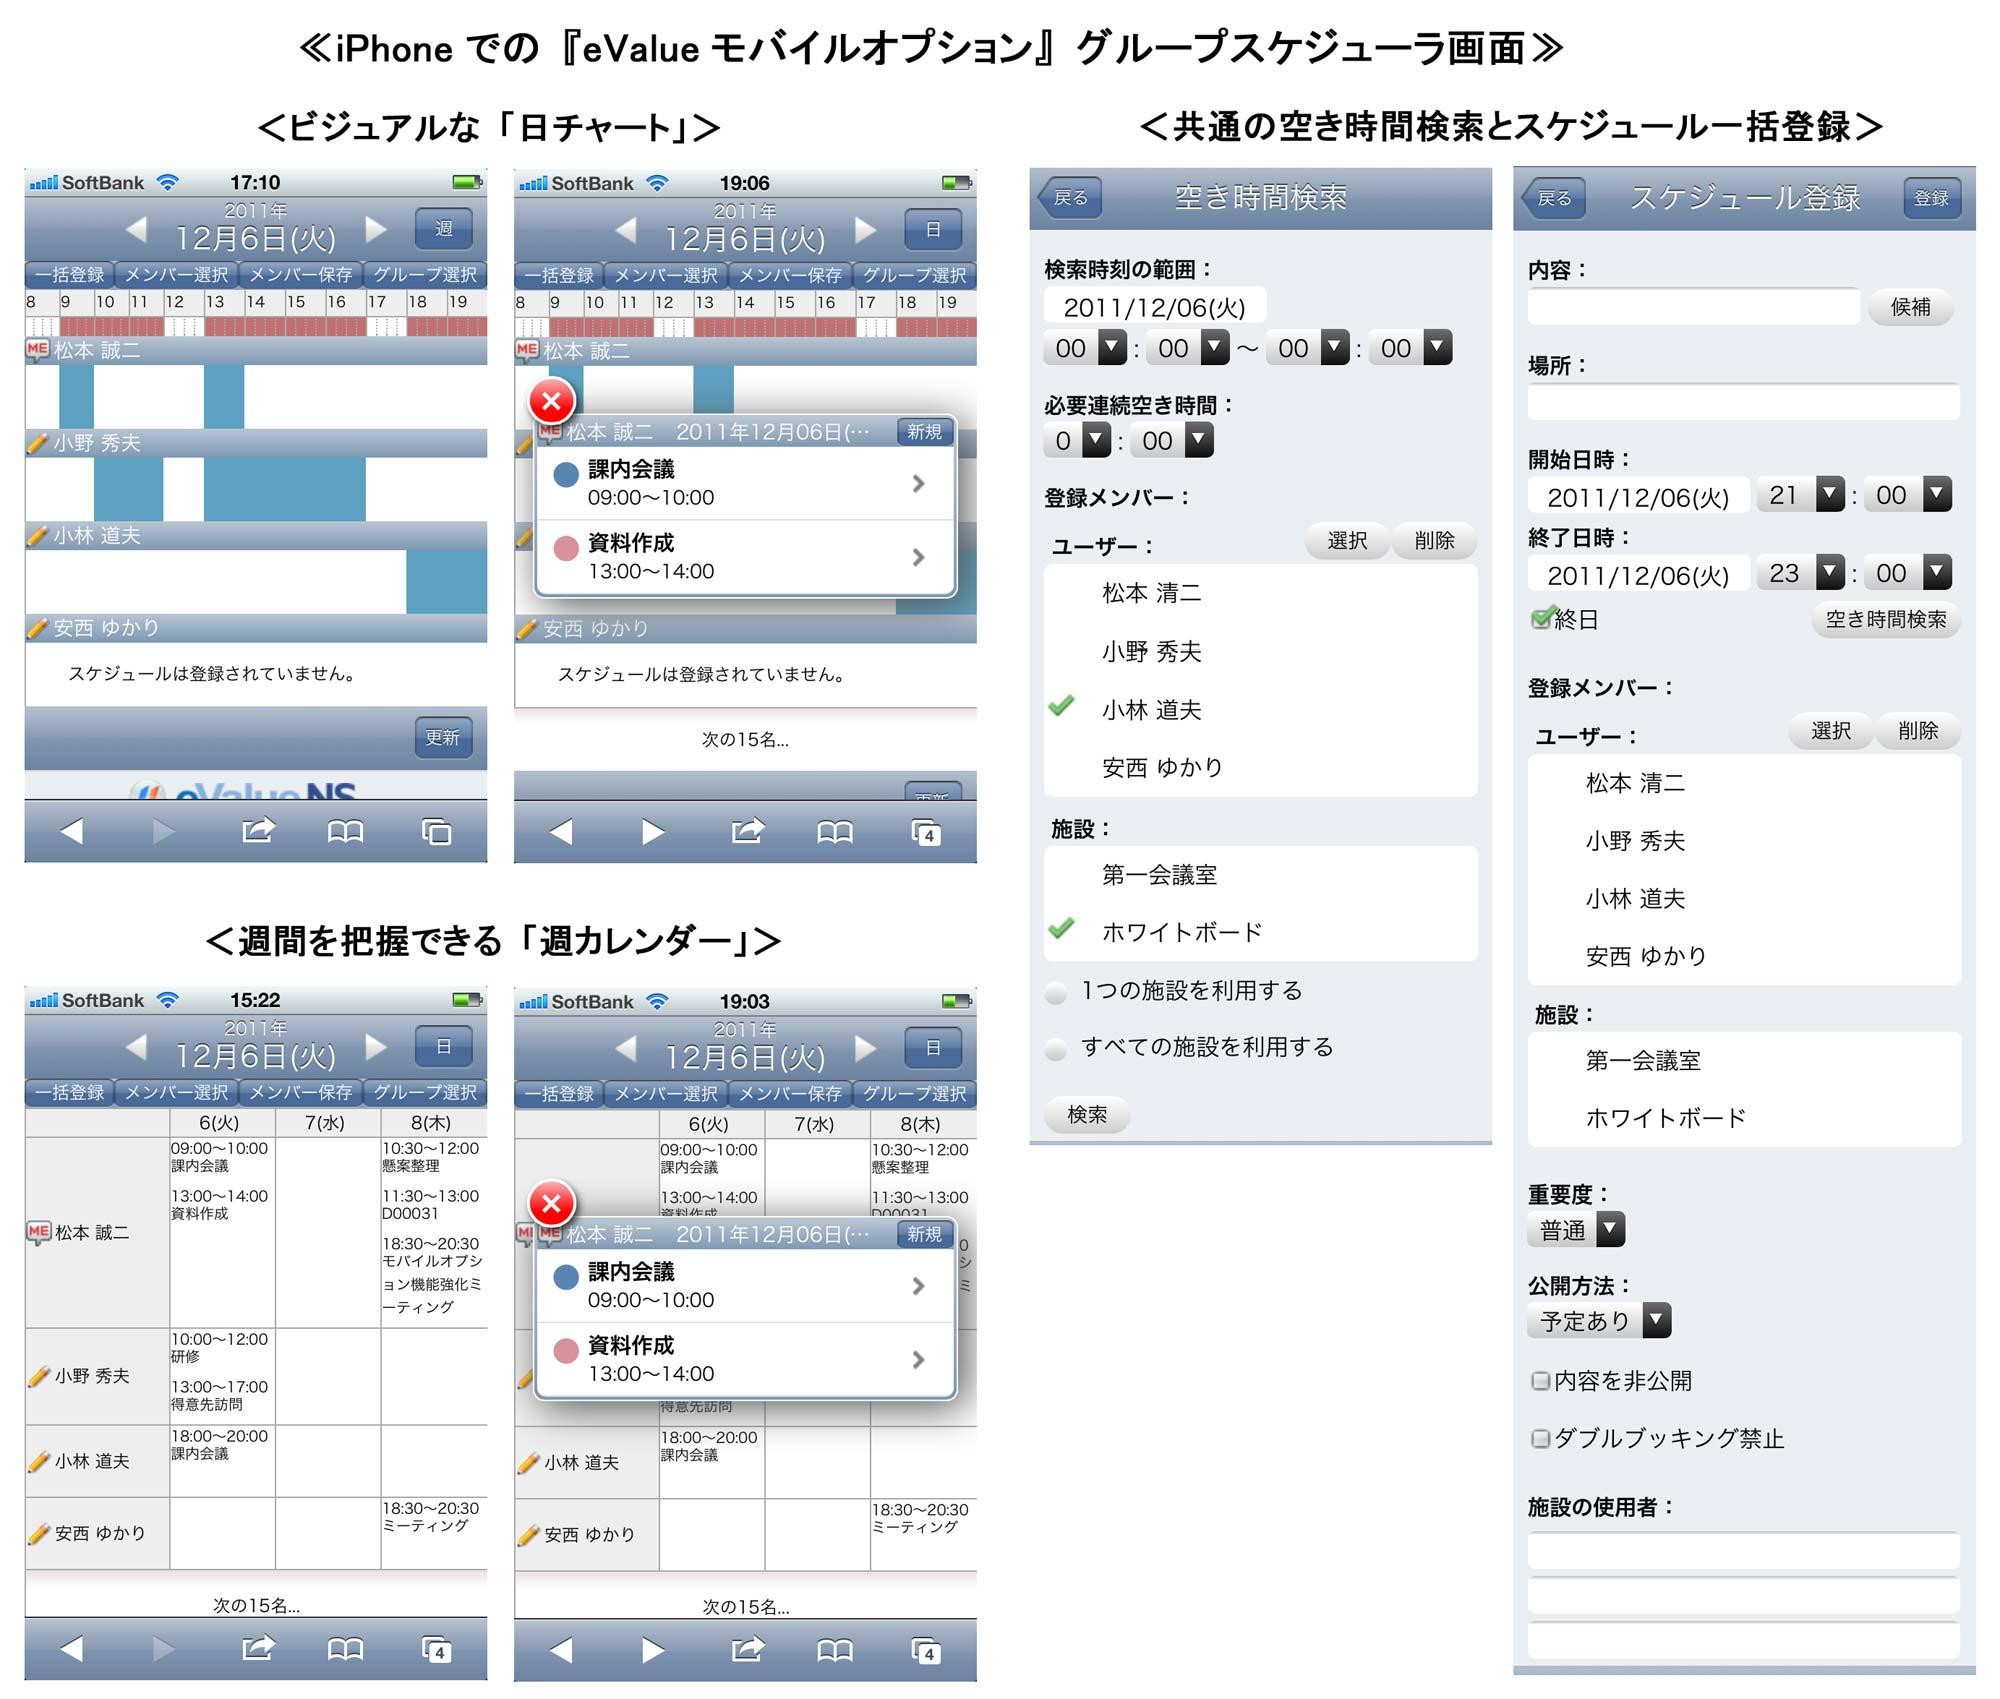 OSK ≪グループウェアに先進のモバイルソリューションを提供する『eValue NS モバイルオプション』を機能強化≫ ~ モバイルでメンバーのスケジュールをビジュアルに表示し、共通の空き時間を検索 ~